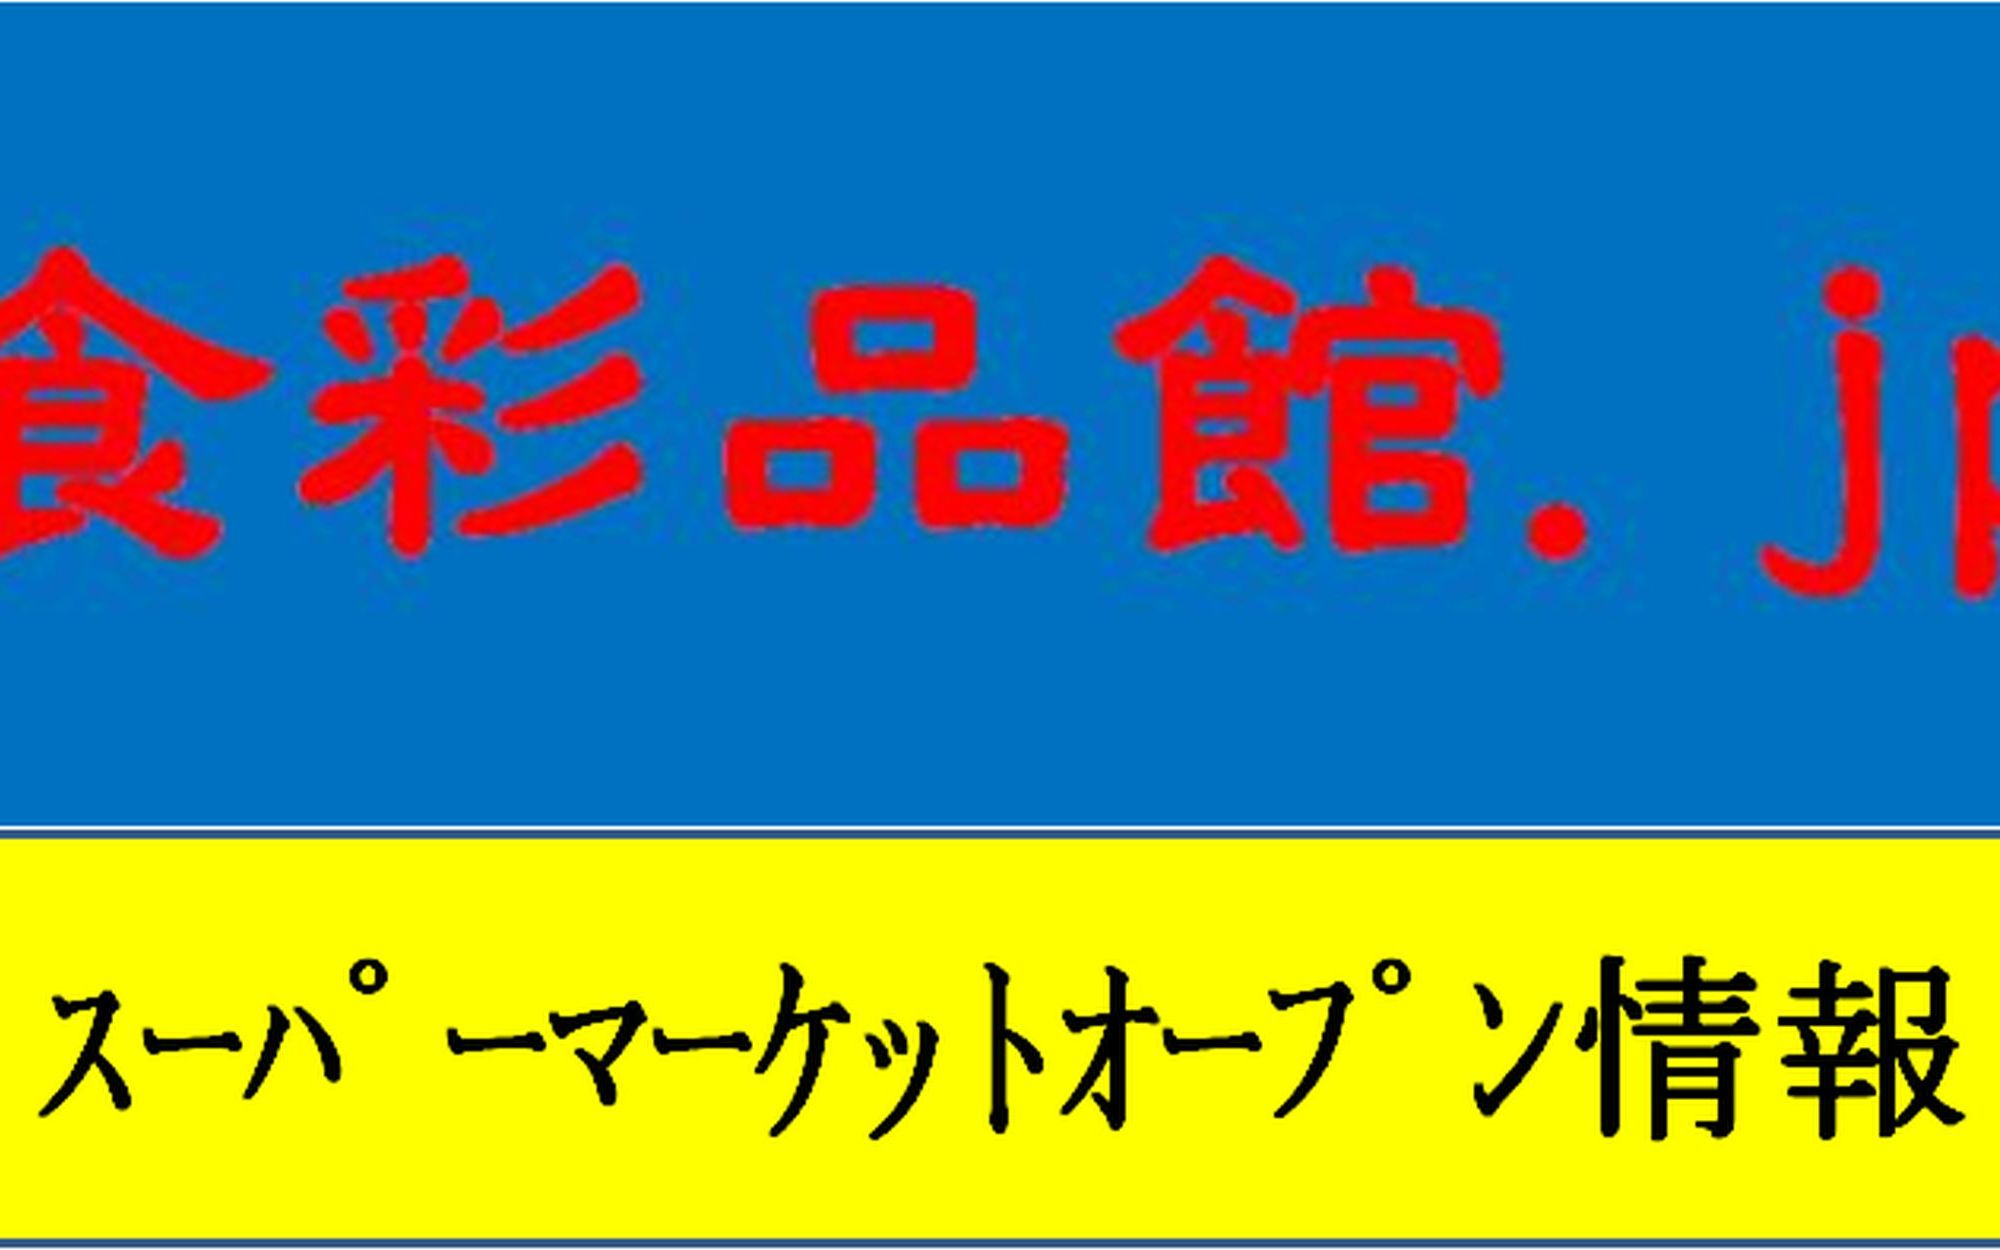 ハナマサお花茶屋店(東京都葛飾区)2020年7月12日リニューアルオープン